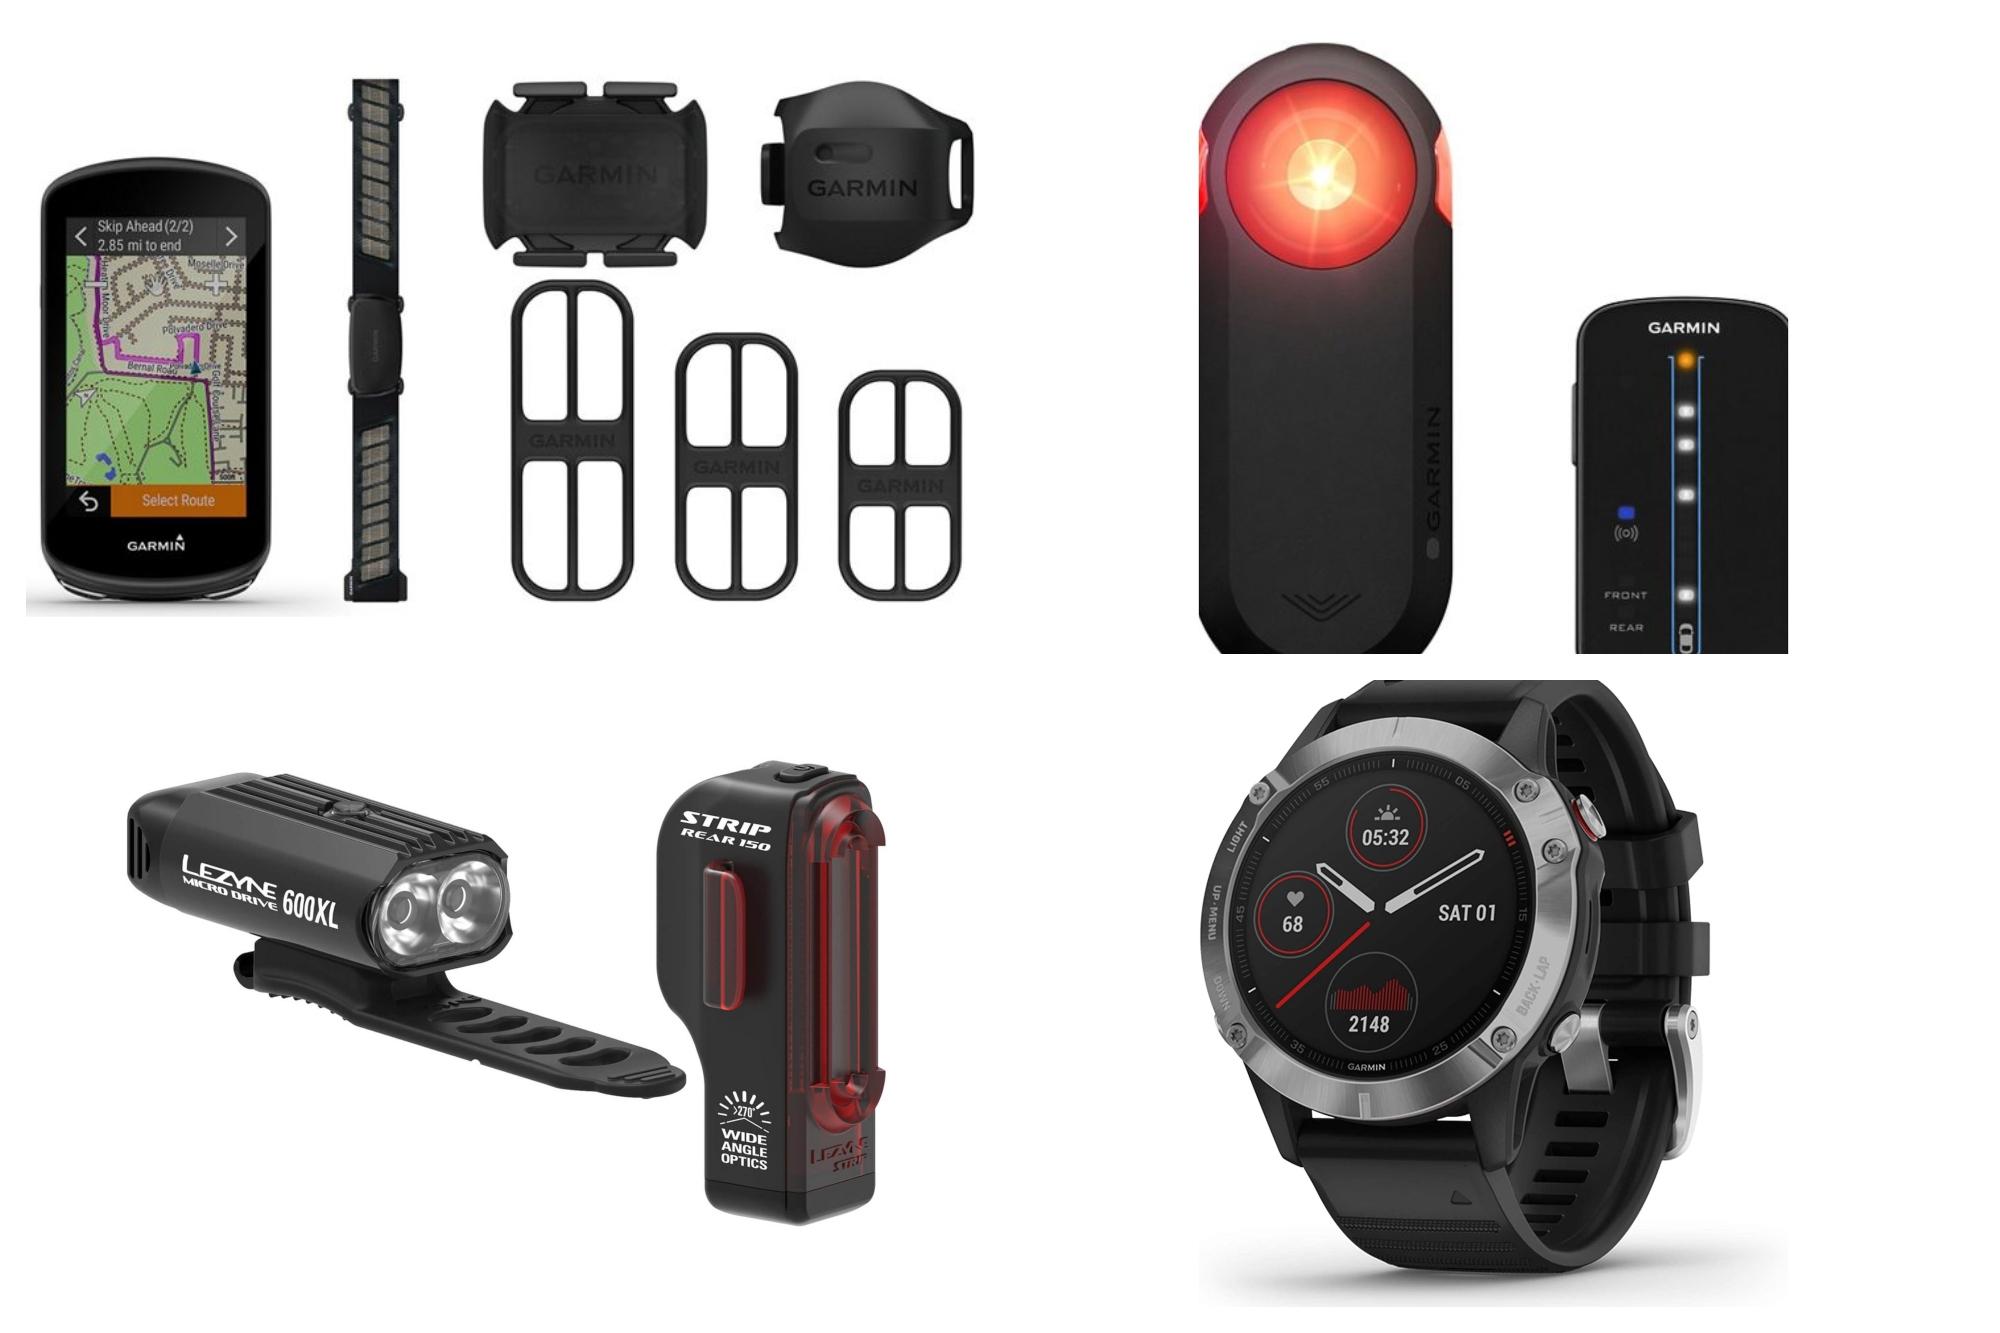 Cyklingstekniske tilbud fra hele internettet på Amazon Prime Day: Garmin, Power meter og mere